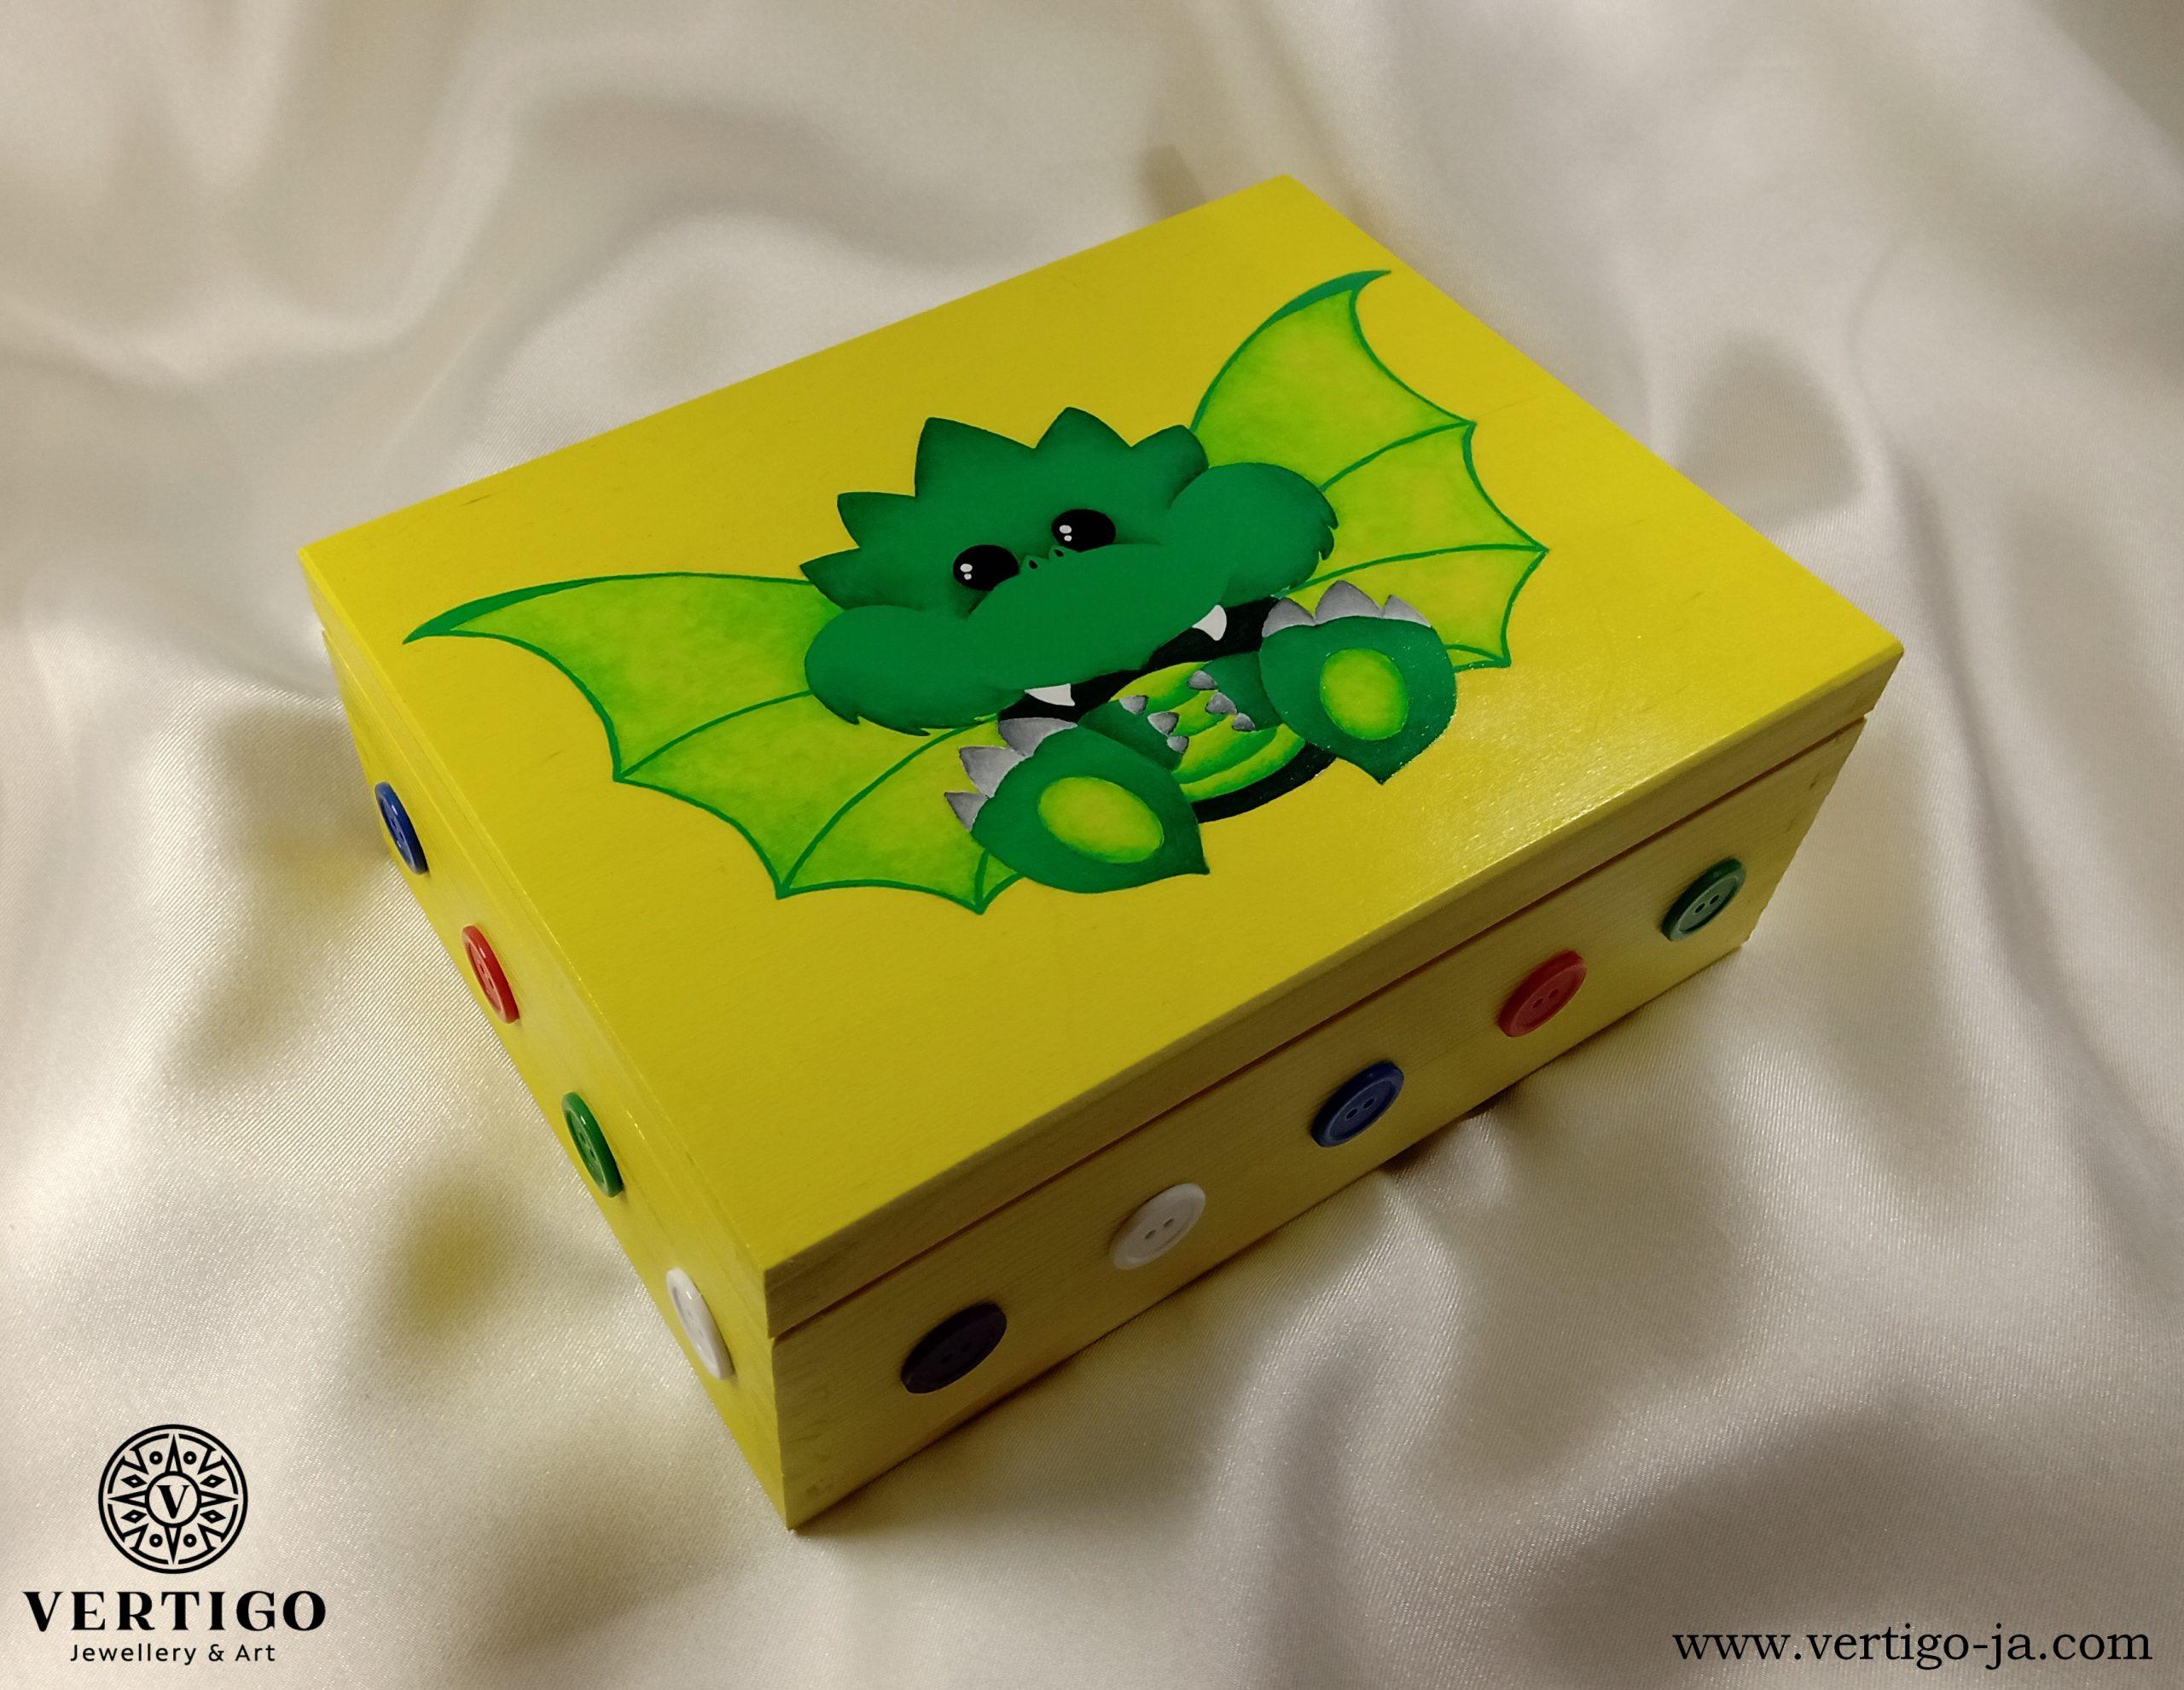 Drewniane, żółte pudełko z małym zielonym smokiem